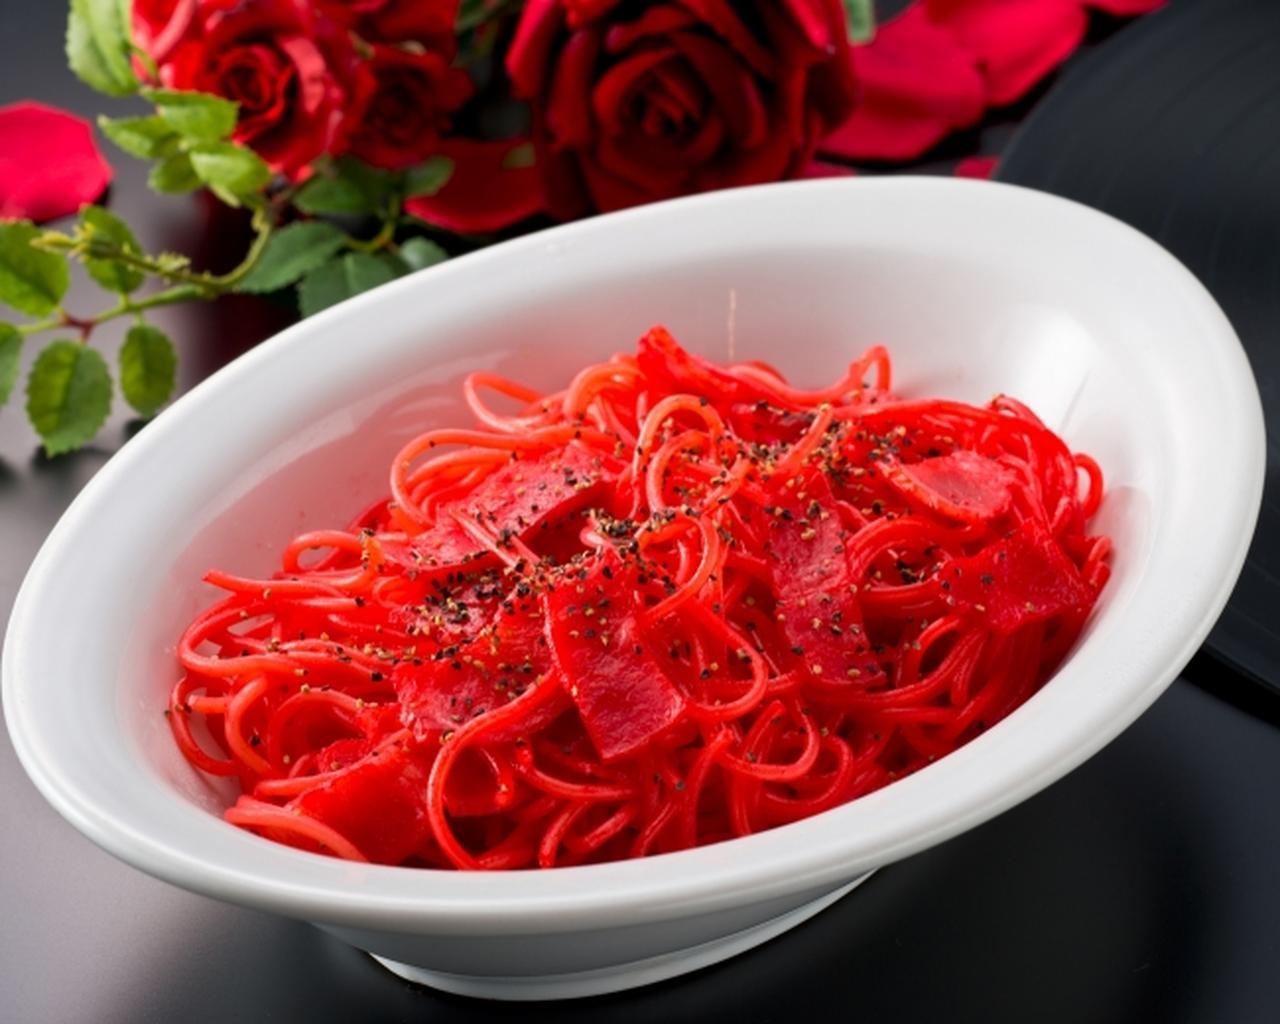 画像: Born to be my「RED PASTA」 www.lock-up.jp